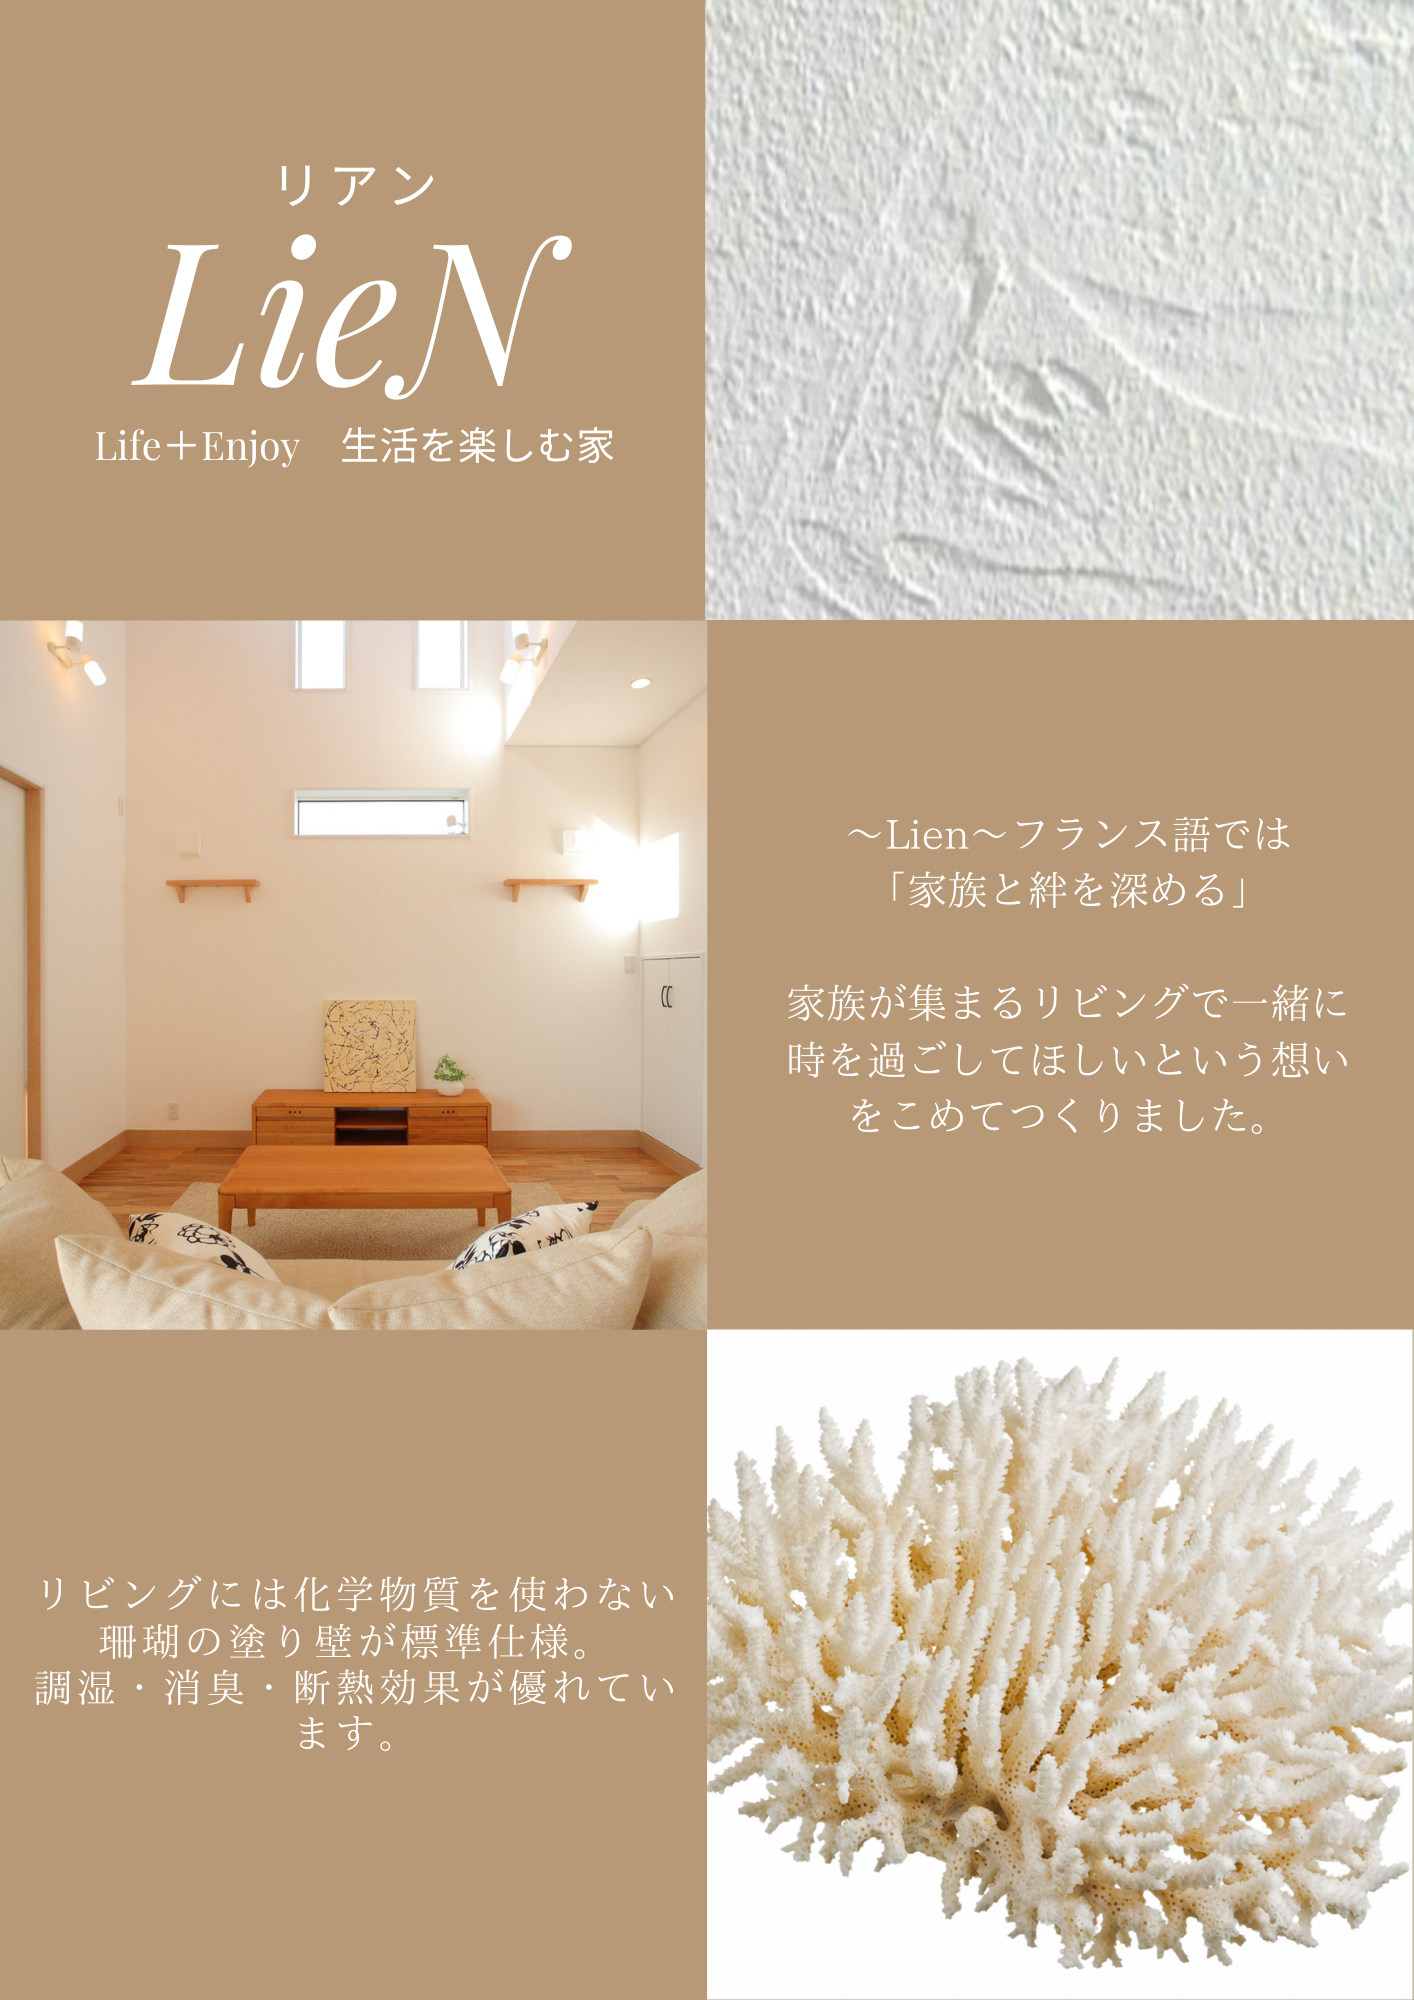 LieN商品ページ-2.png